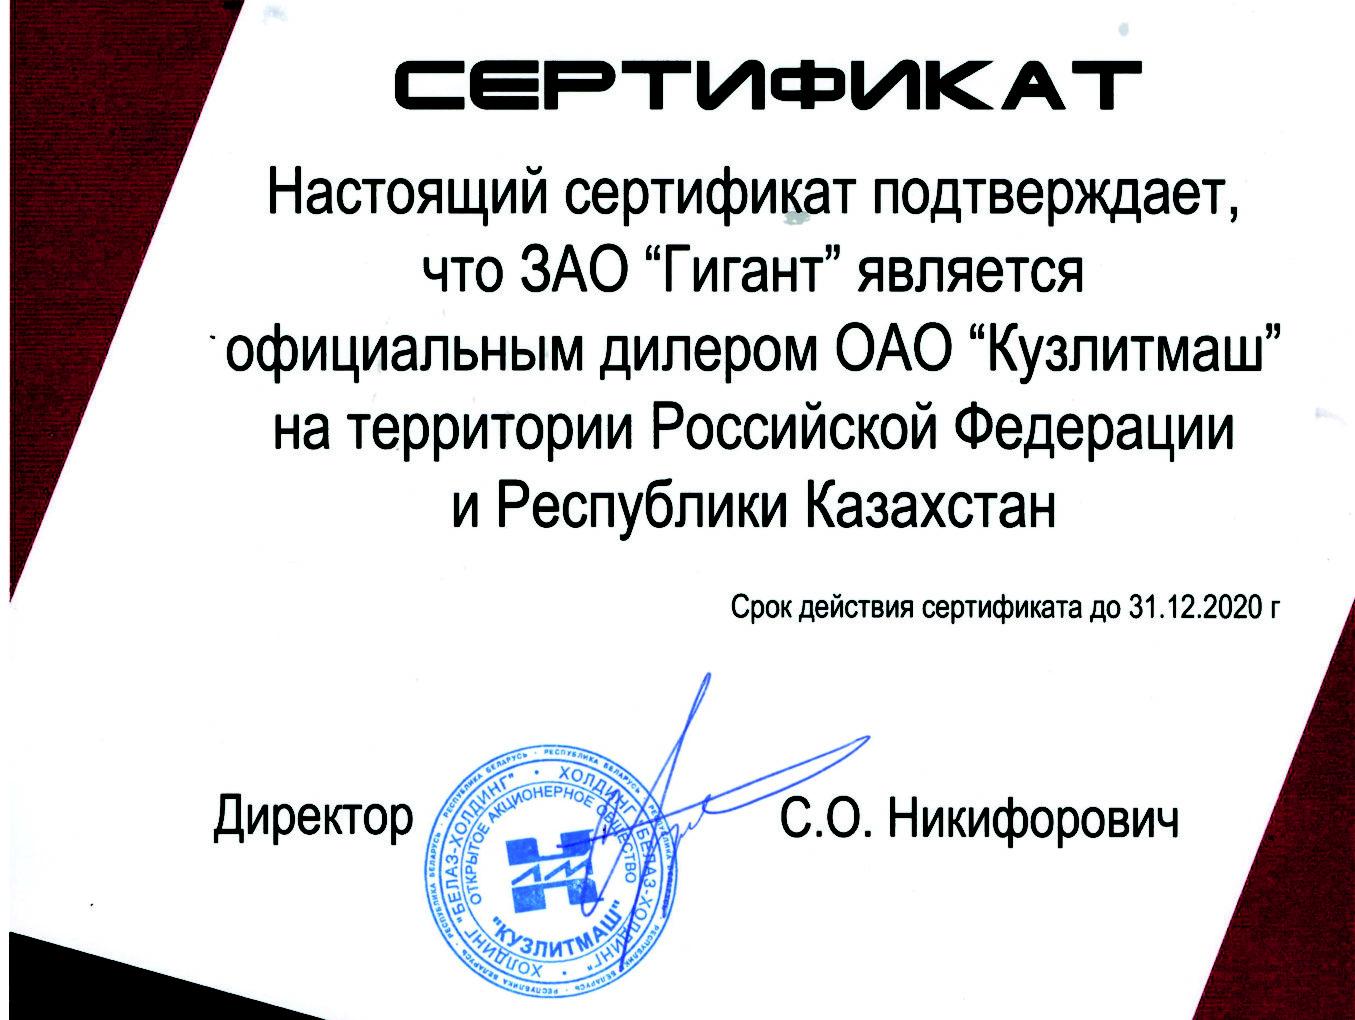 Заключен договор об официальном дилерстве в Российской Федерации и Республике Казахстан с ЗАО «ГИГАНТ»